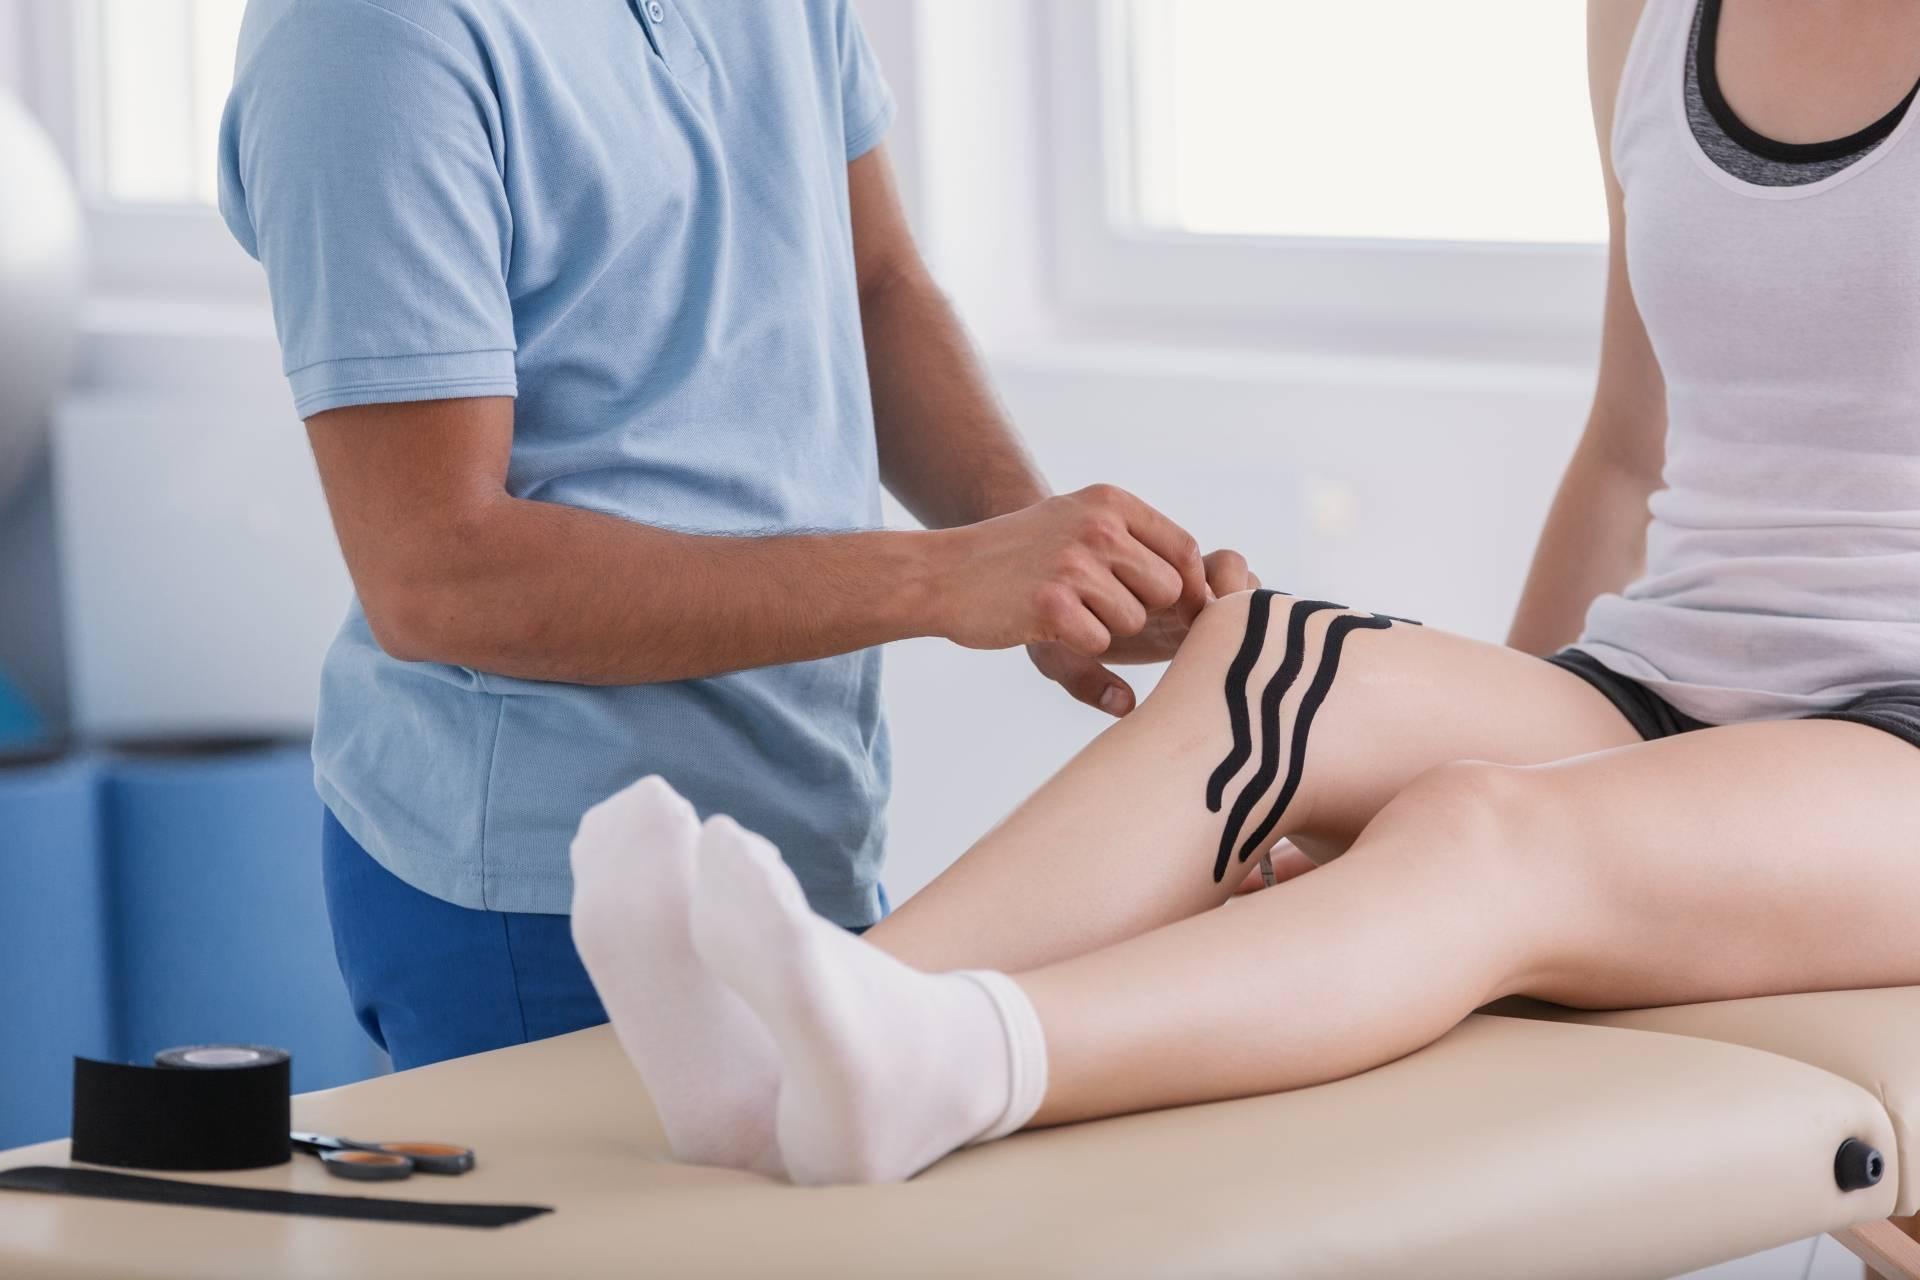 Kinesiotaping: fizjoterapeuta przykleja pacjentce tejpy na kolano.